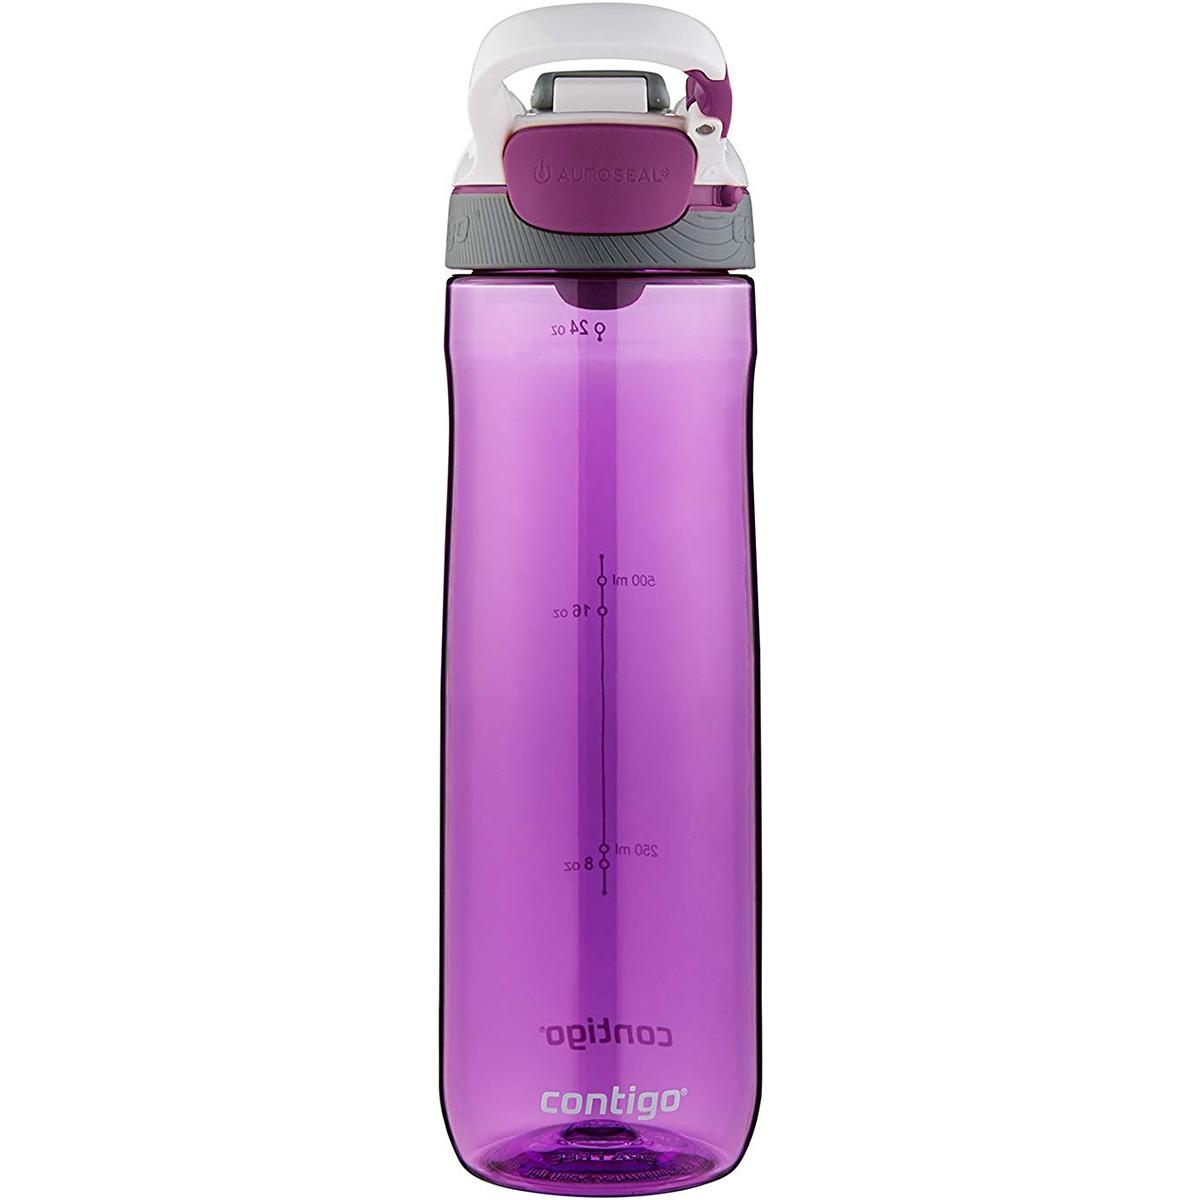 Contigo-24-oz-Cortland-Autoseal-Water-Bottle miniatura 8